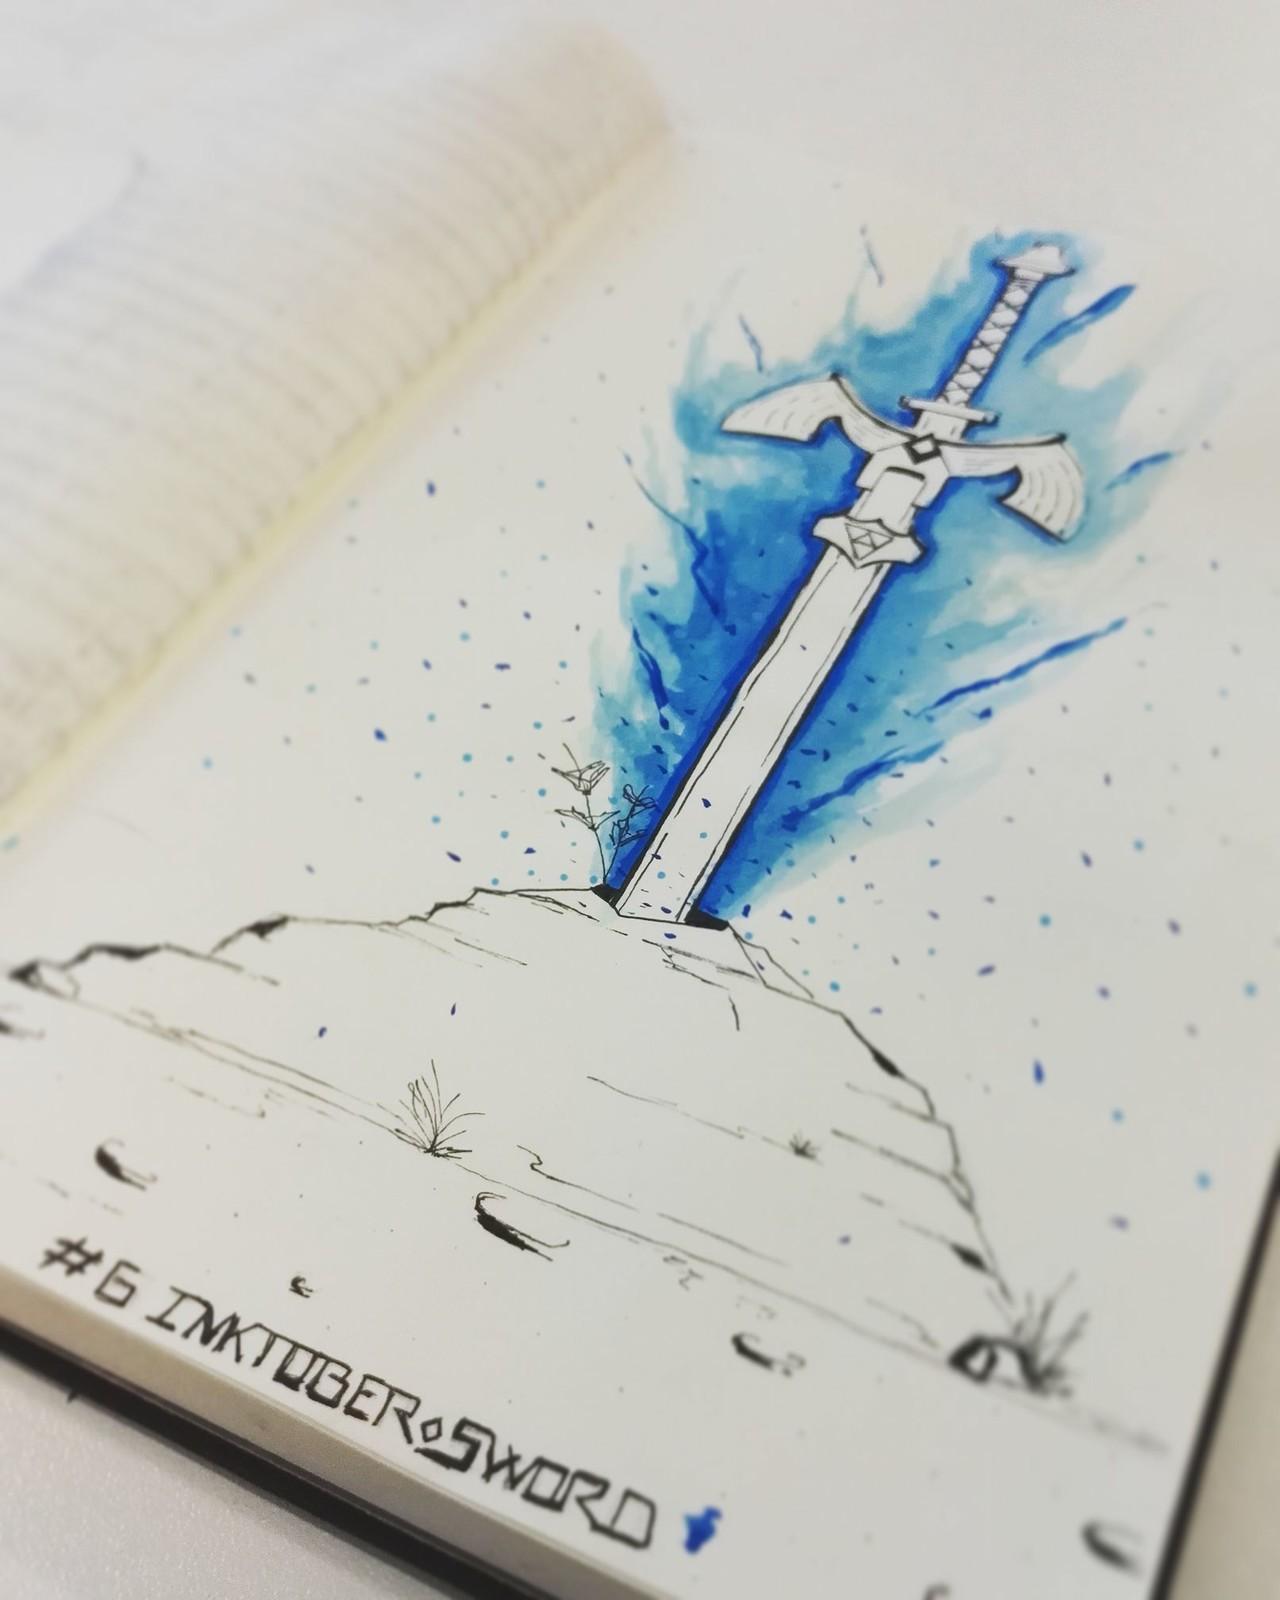 #6 Sword